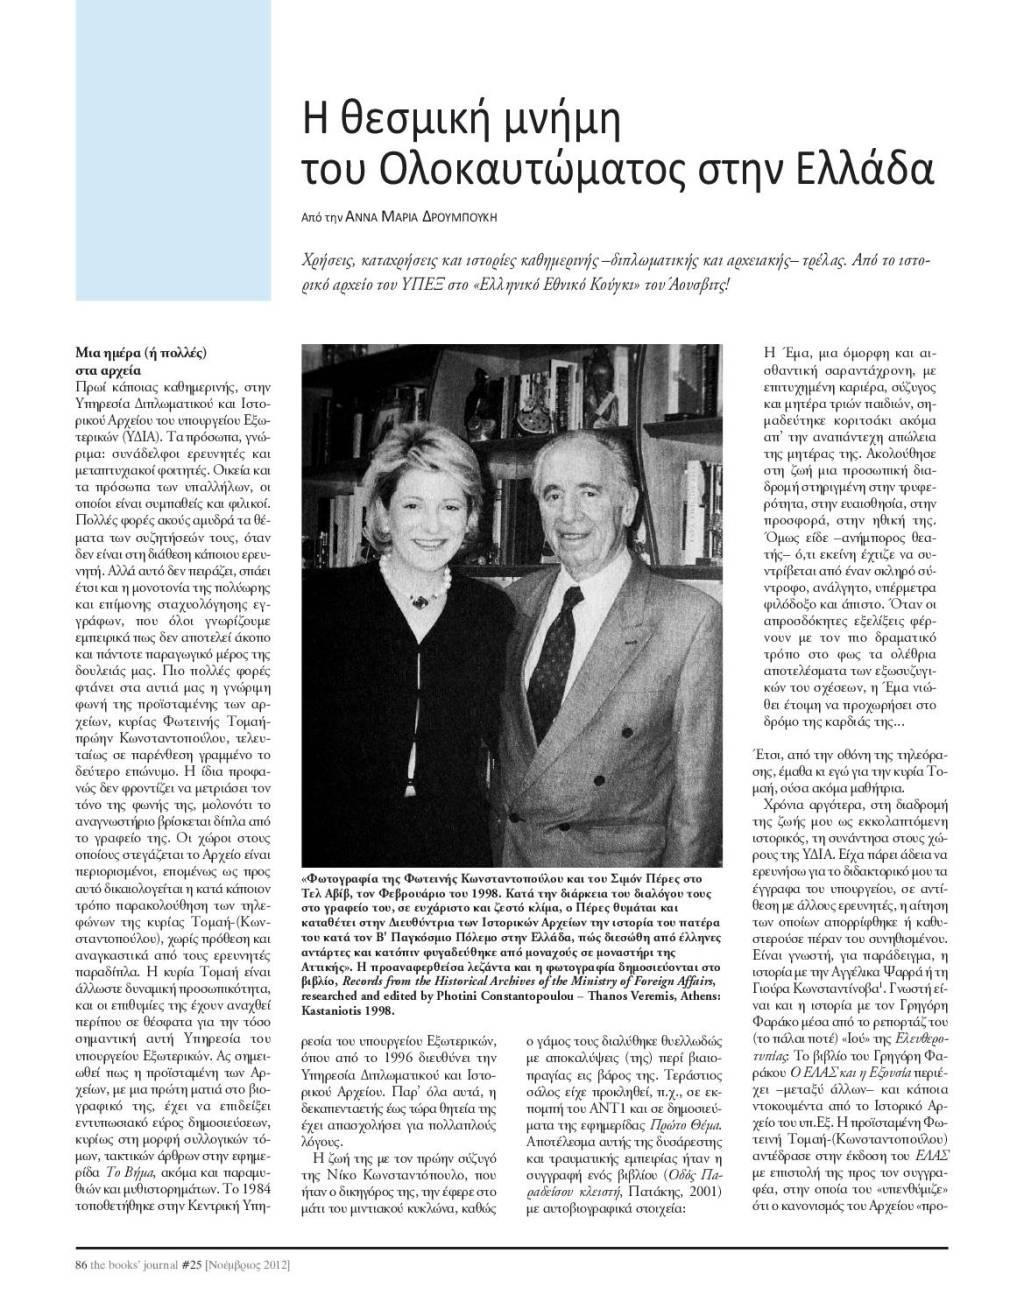 Αννα Μαρία Δρουμπούκη - Η θεσμική μνήμη του Ολοκαυτώματος στην Ελλάδα [2012-11-ΝΟΕ-BOOKS JOURNAL-ΤΧ#025] [2012] - AM_Tomai_Books' Journal-ΣΕΛ-86